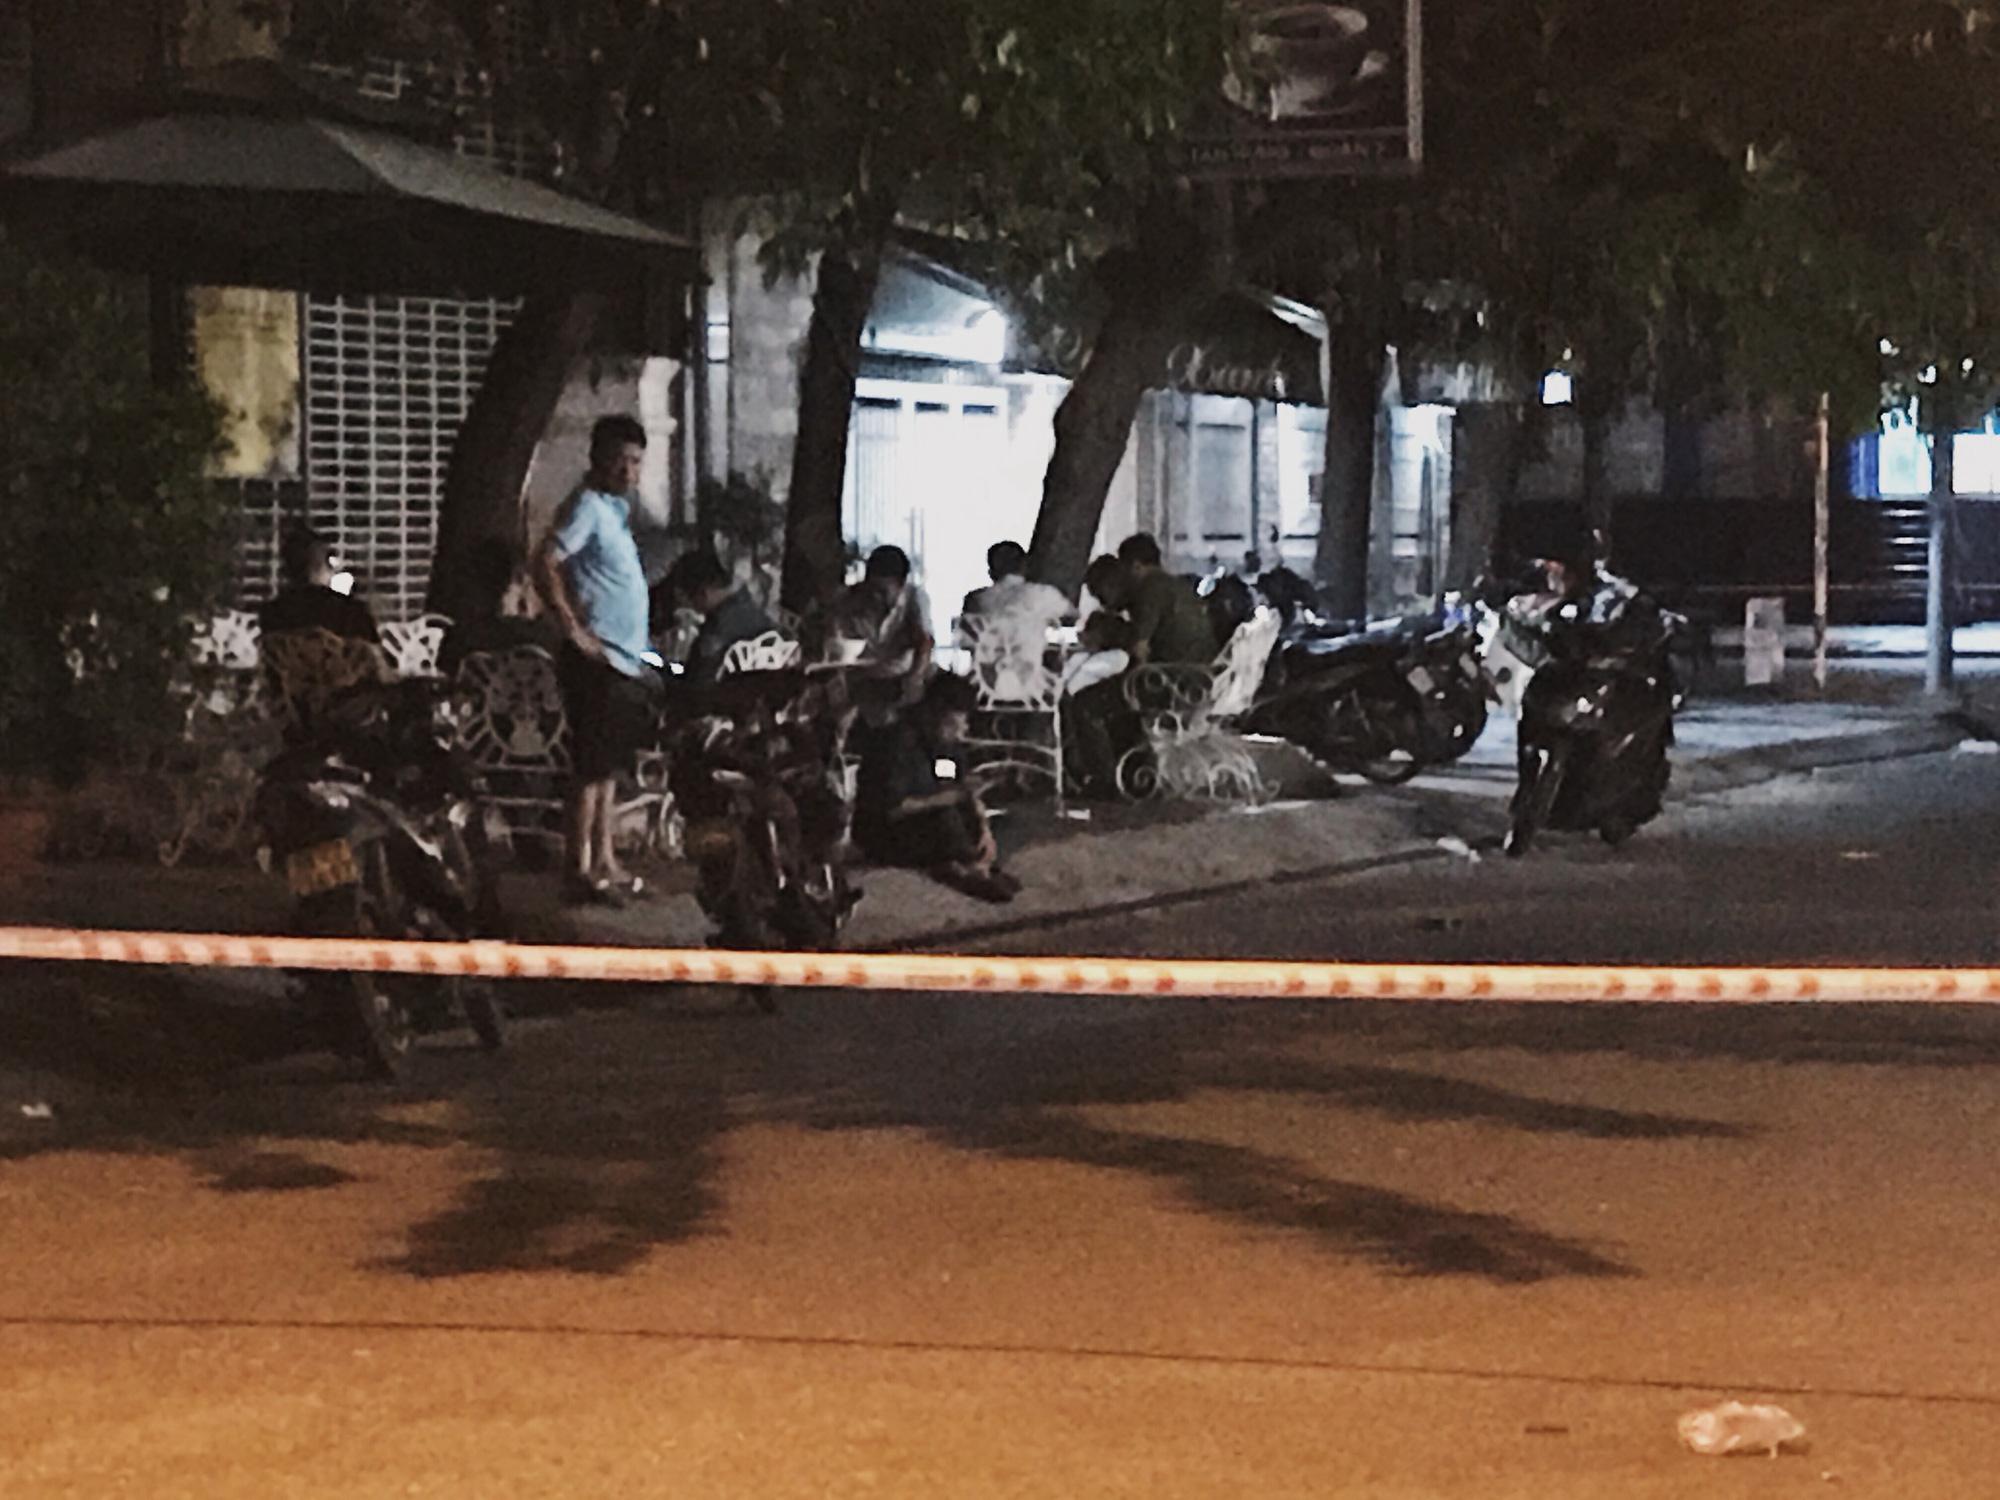 ẢNH-CLIP: Cảnh sát phong tỏa nơi phát hiện thi thể người trong vali - Ảnh 6.